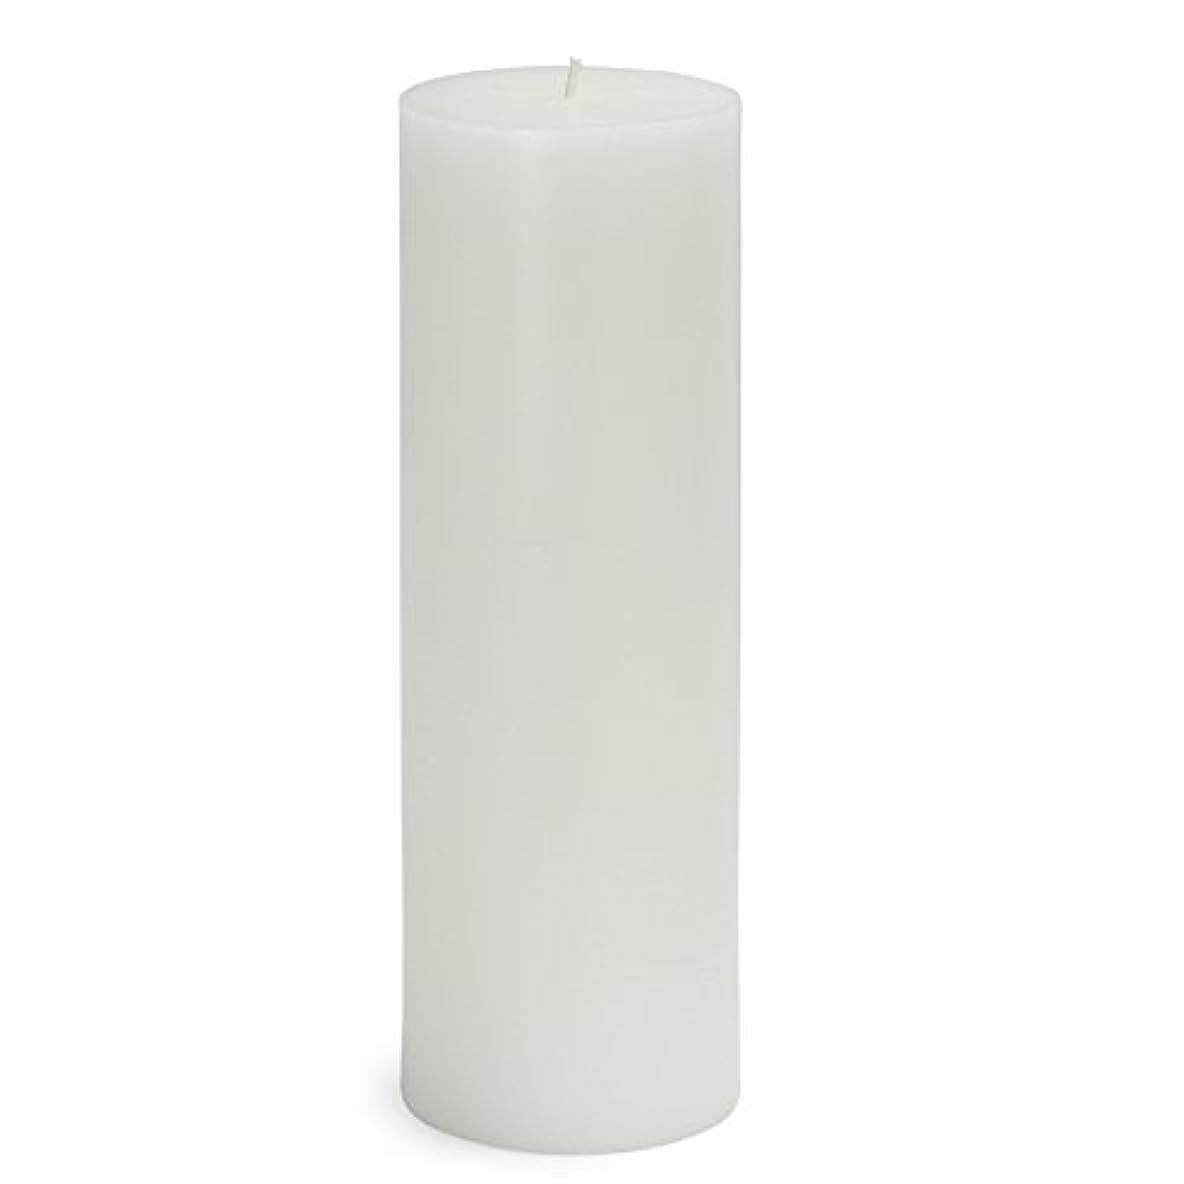 マティス安全なスキッパーZest Candle CPZ-093-12 3 x 9 in. White Pillar Candles -12pcs-Case - Bulk